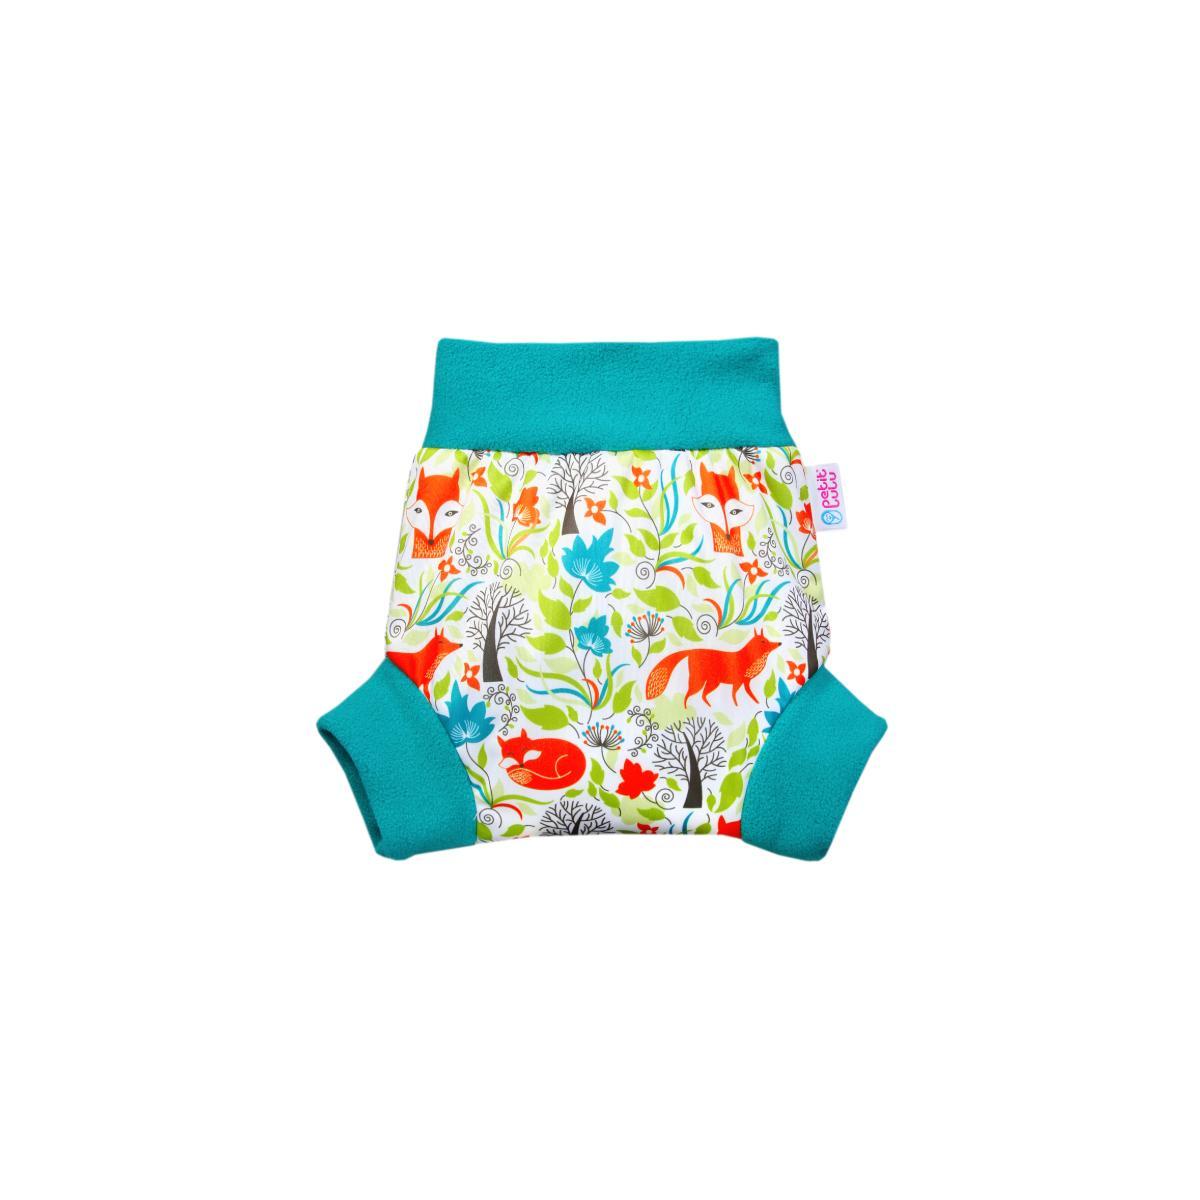 Petit Lulu Pull-up svrchní kalhotky, vel. XL 1 ks, Lišky